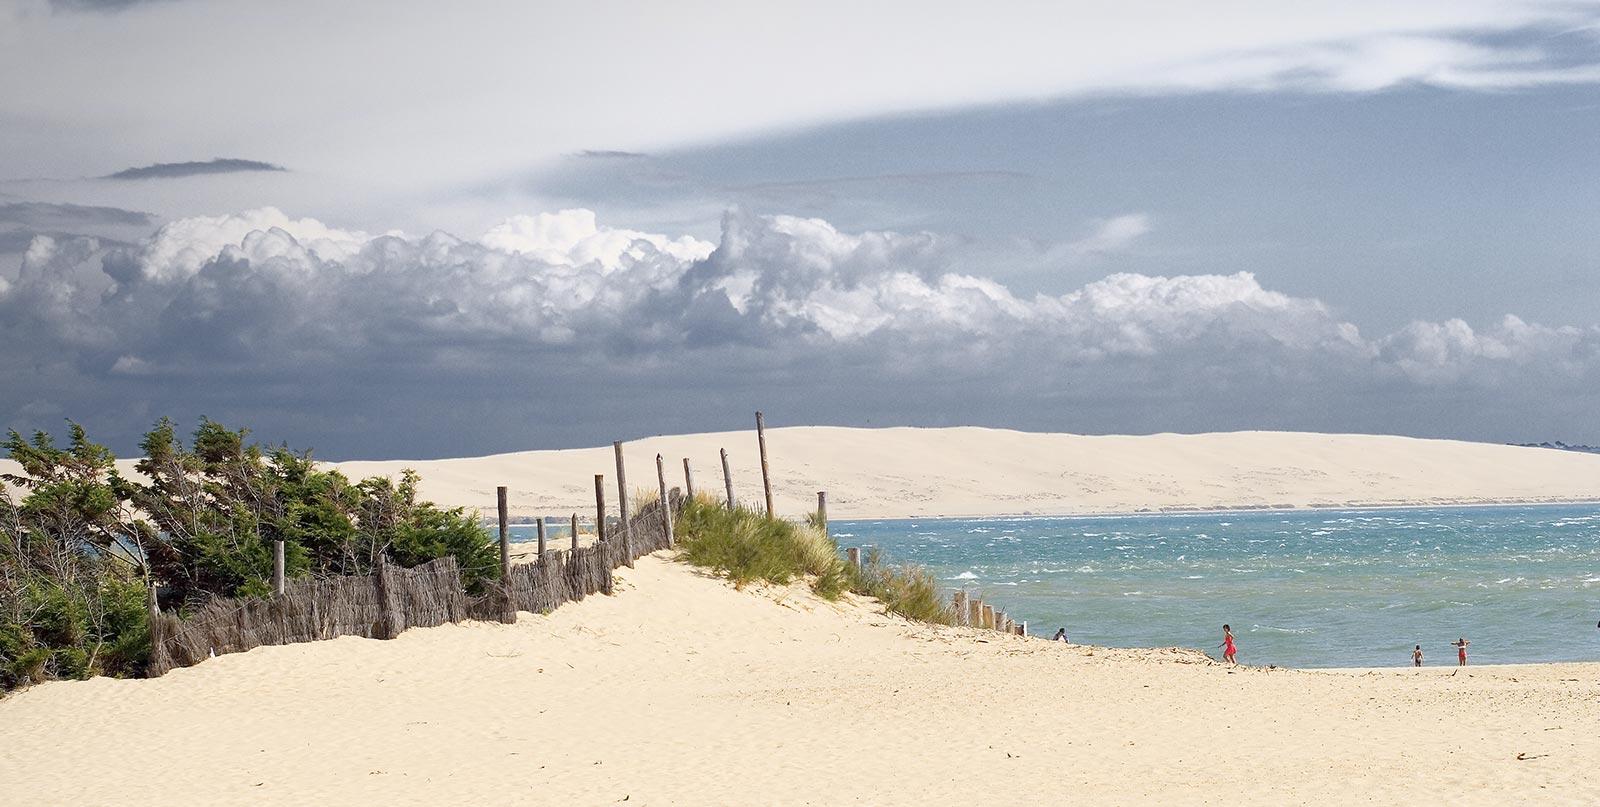 plages interdites au cap ferret destruction des dunes et avancement des eaux - ancorim